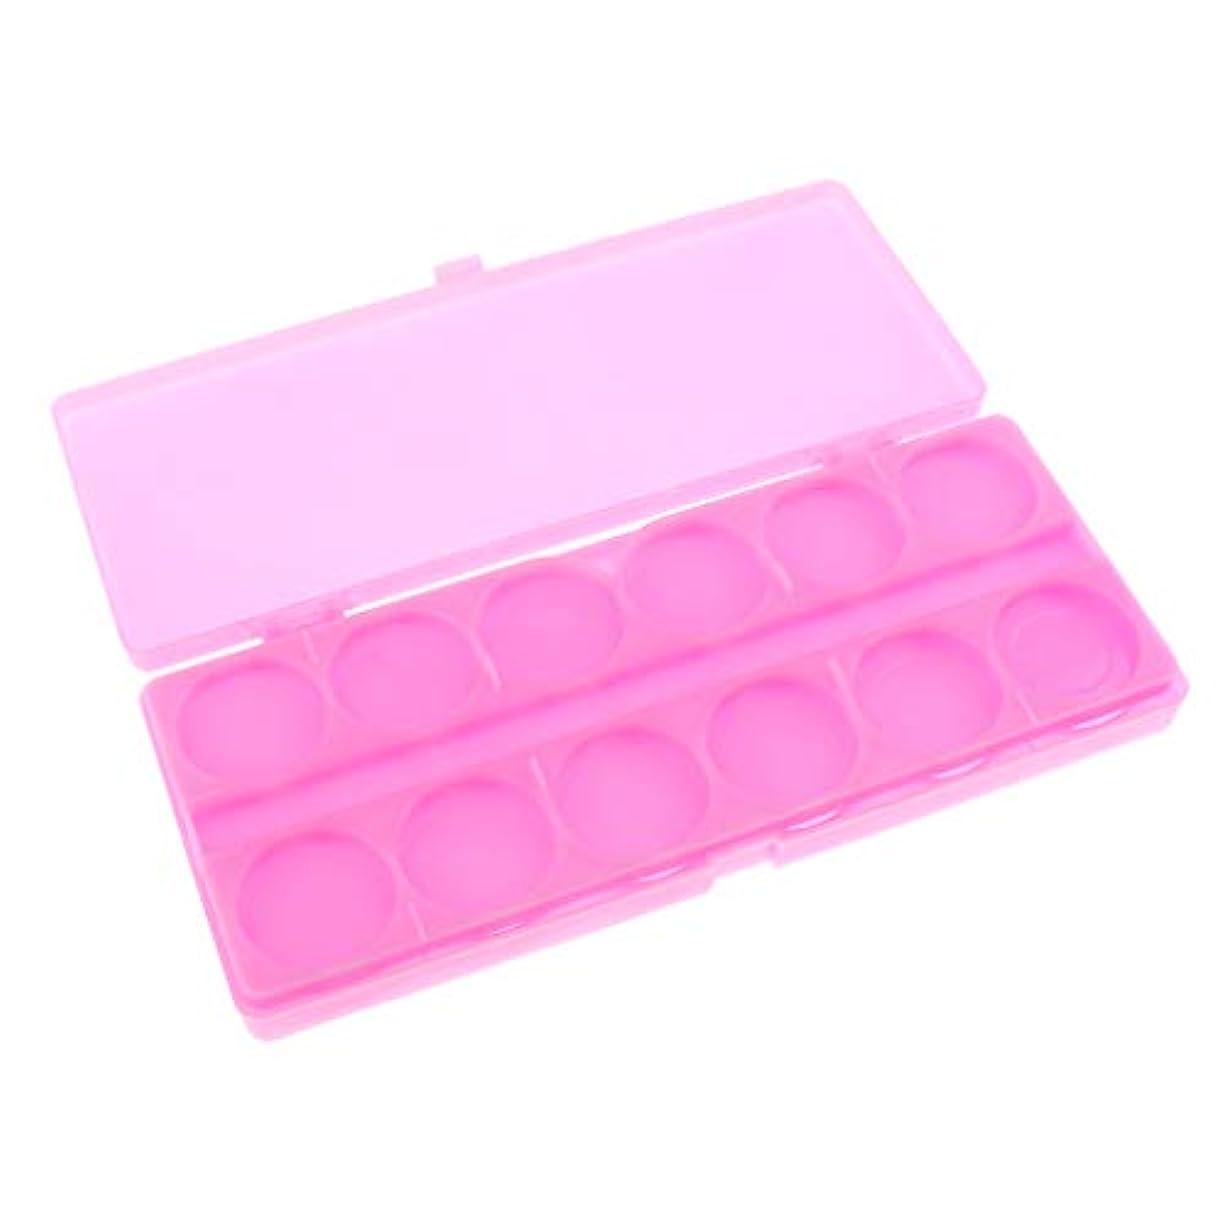 食堂コンクリート二週間gazechimp 顔料パレット ネイルアートペイントパレット プラスチック製 全3色 - ピンク